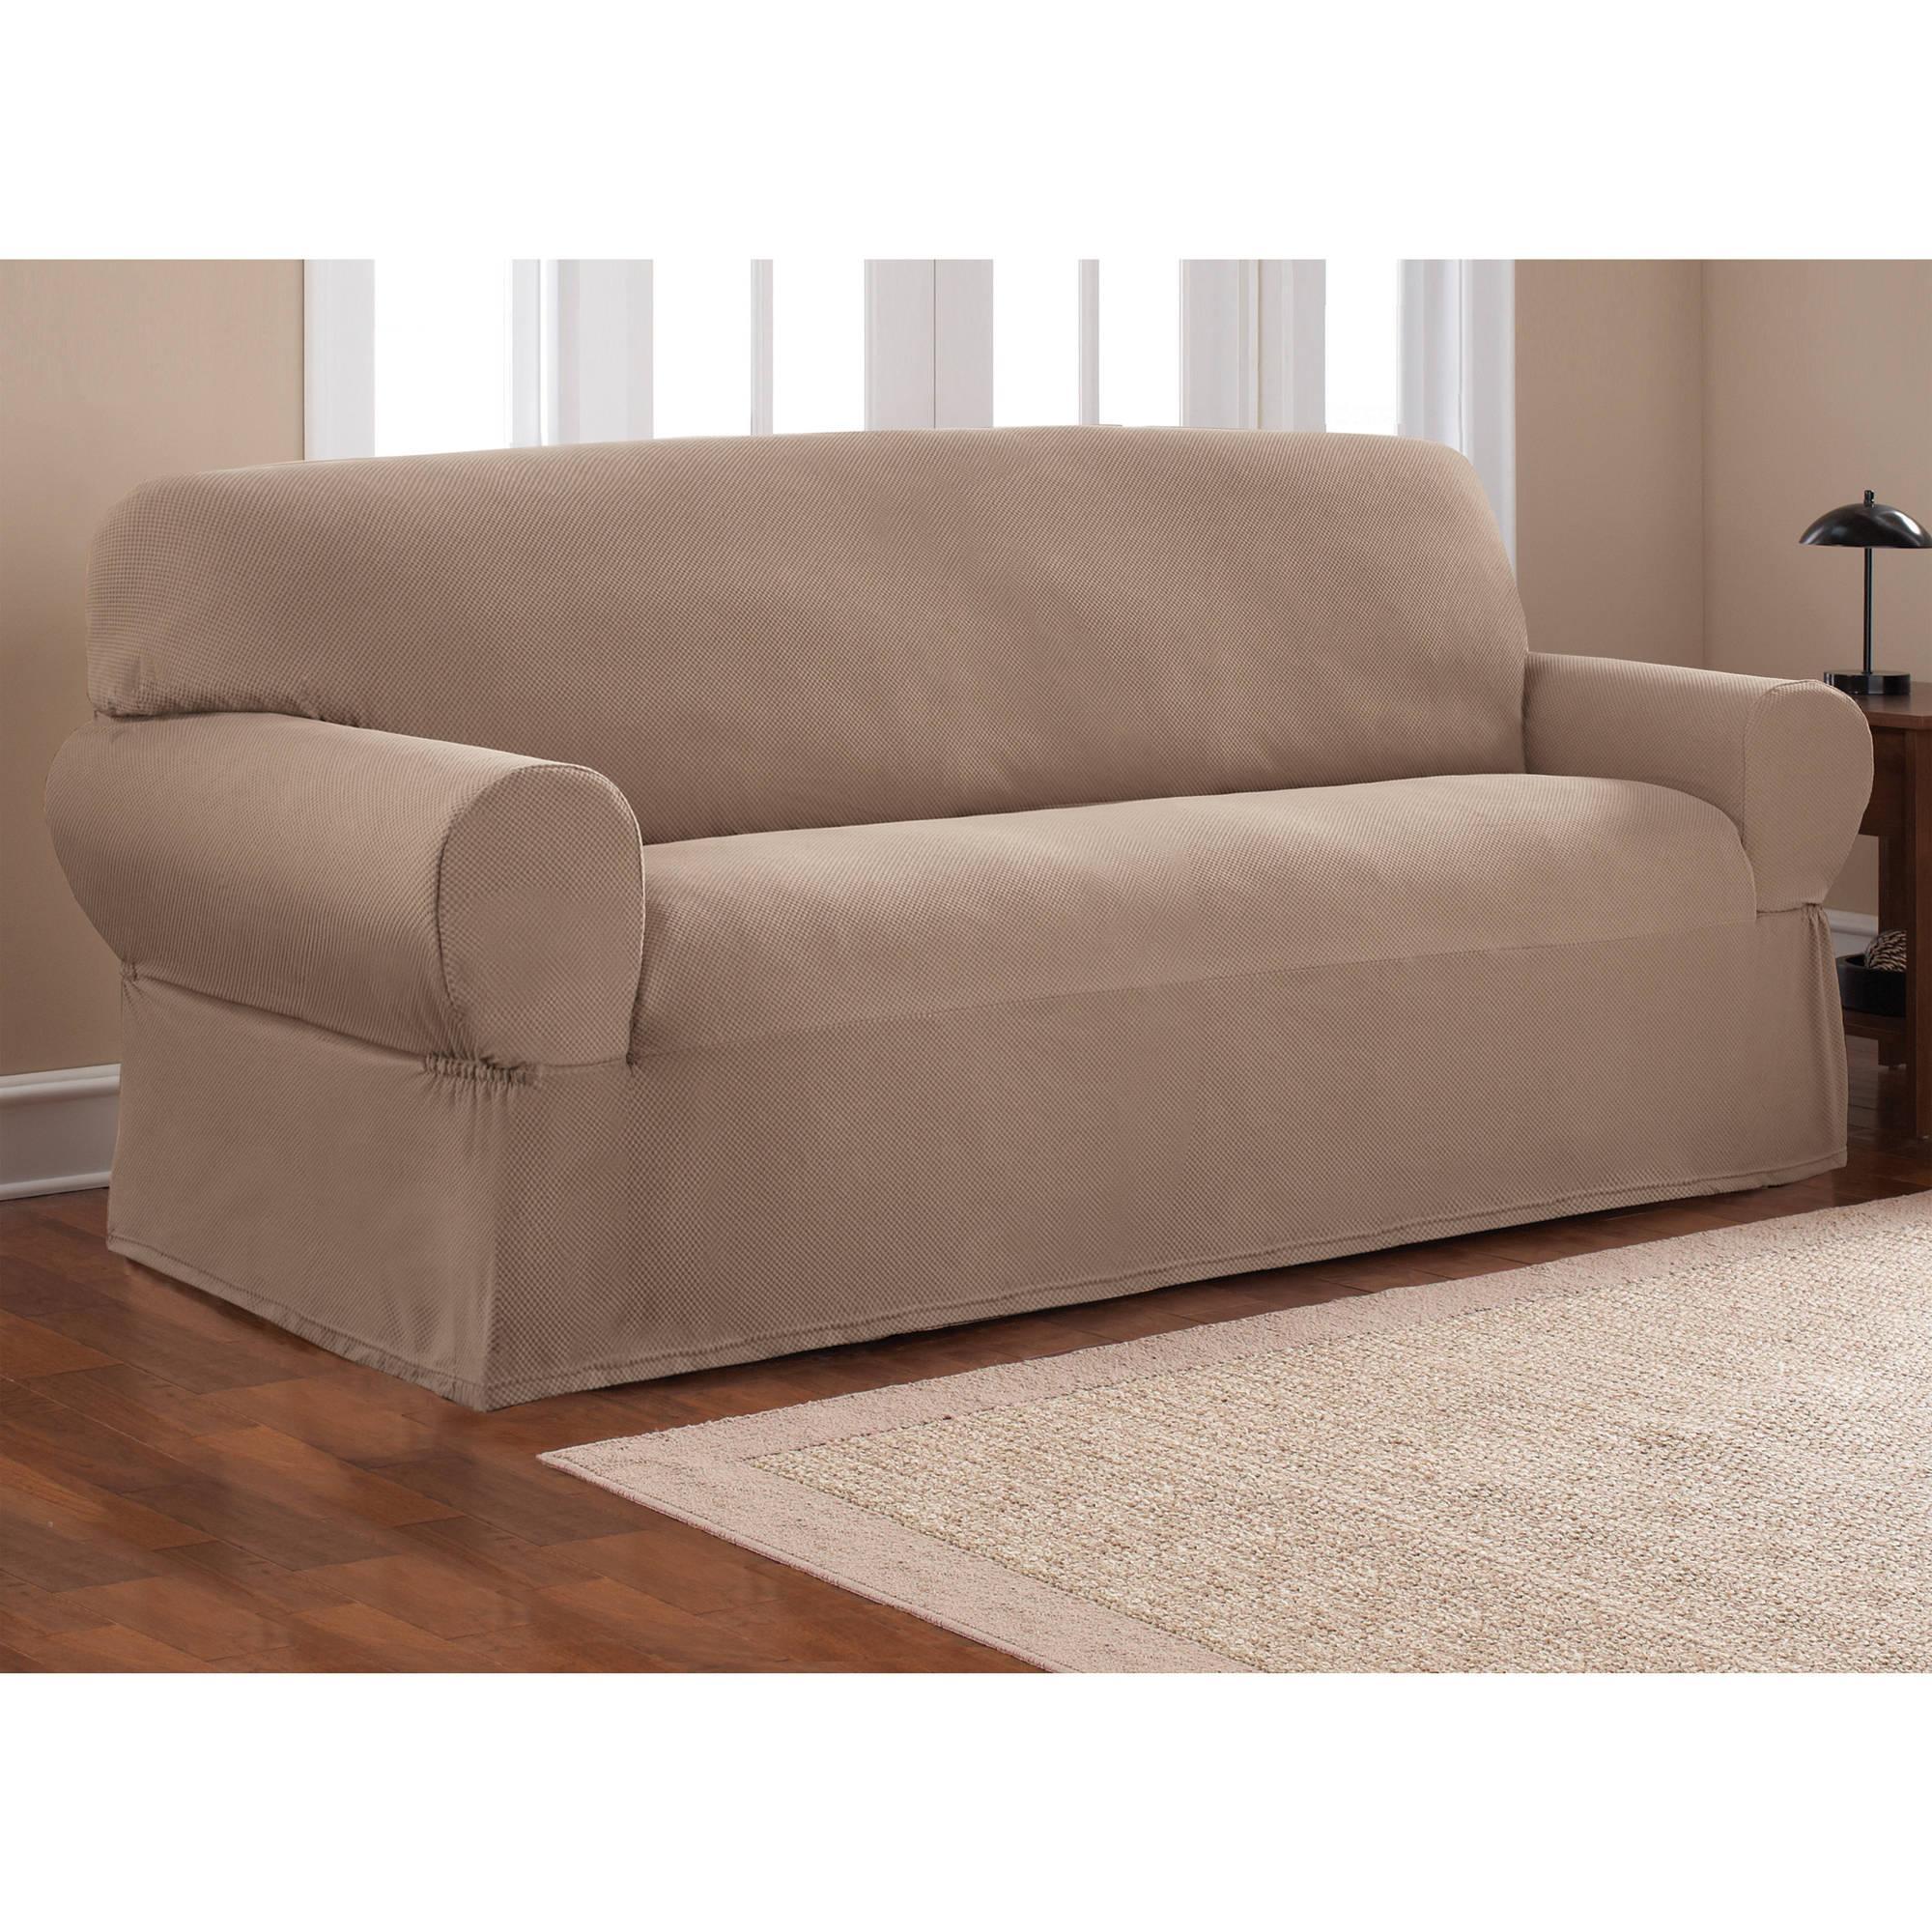 Furniture: Slipcover For Camelback Sofa | Linen Sofa Slipcover In Camelback Slipcovers (Image 10 of 20)